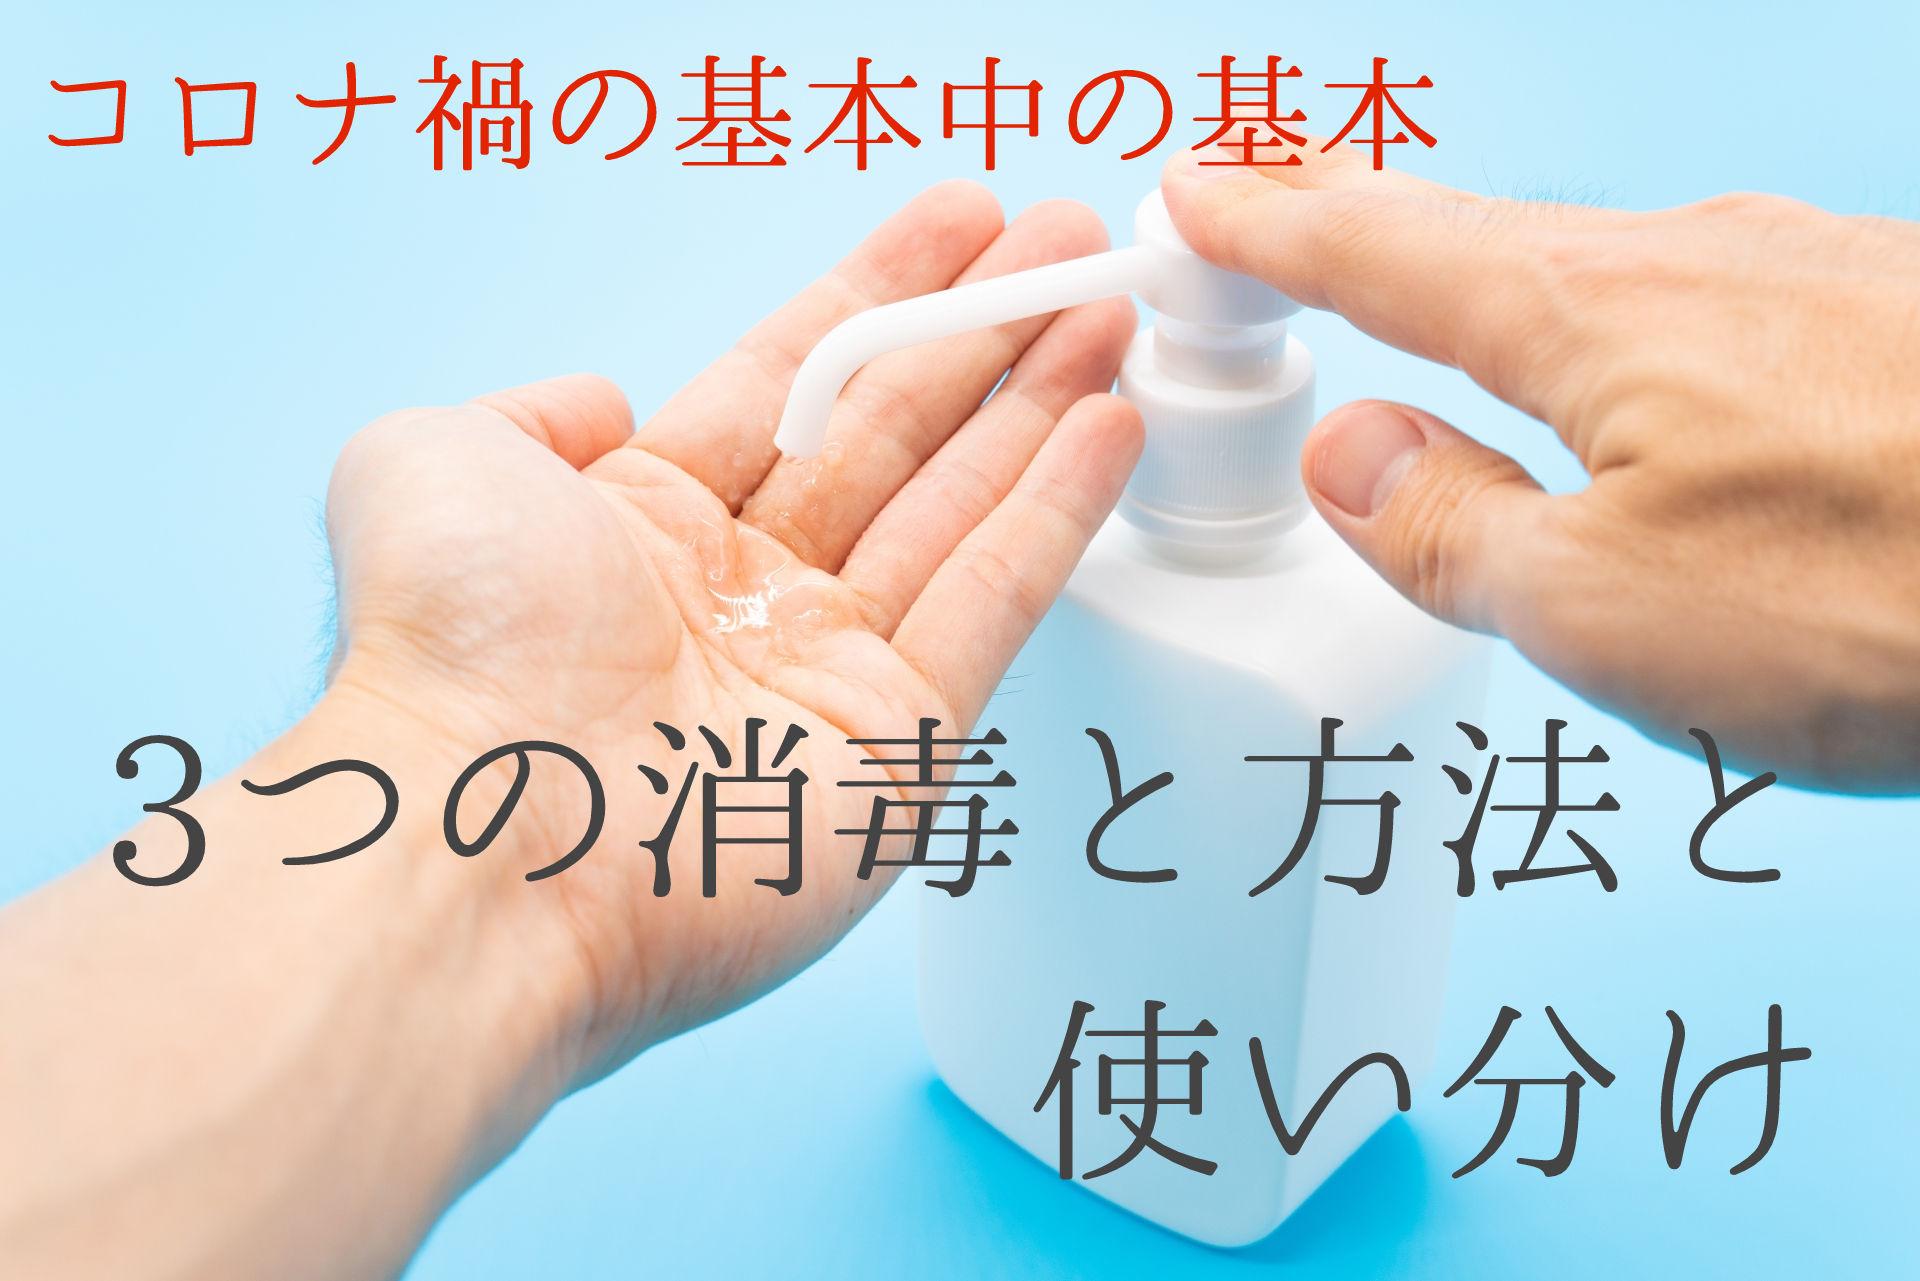 アルコール コロナ 菌 カビキラー 除